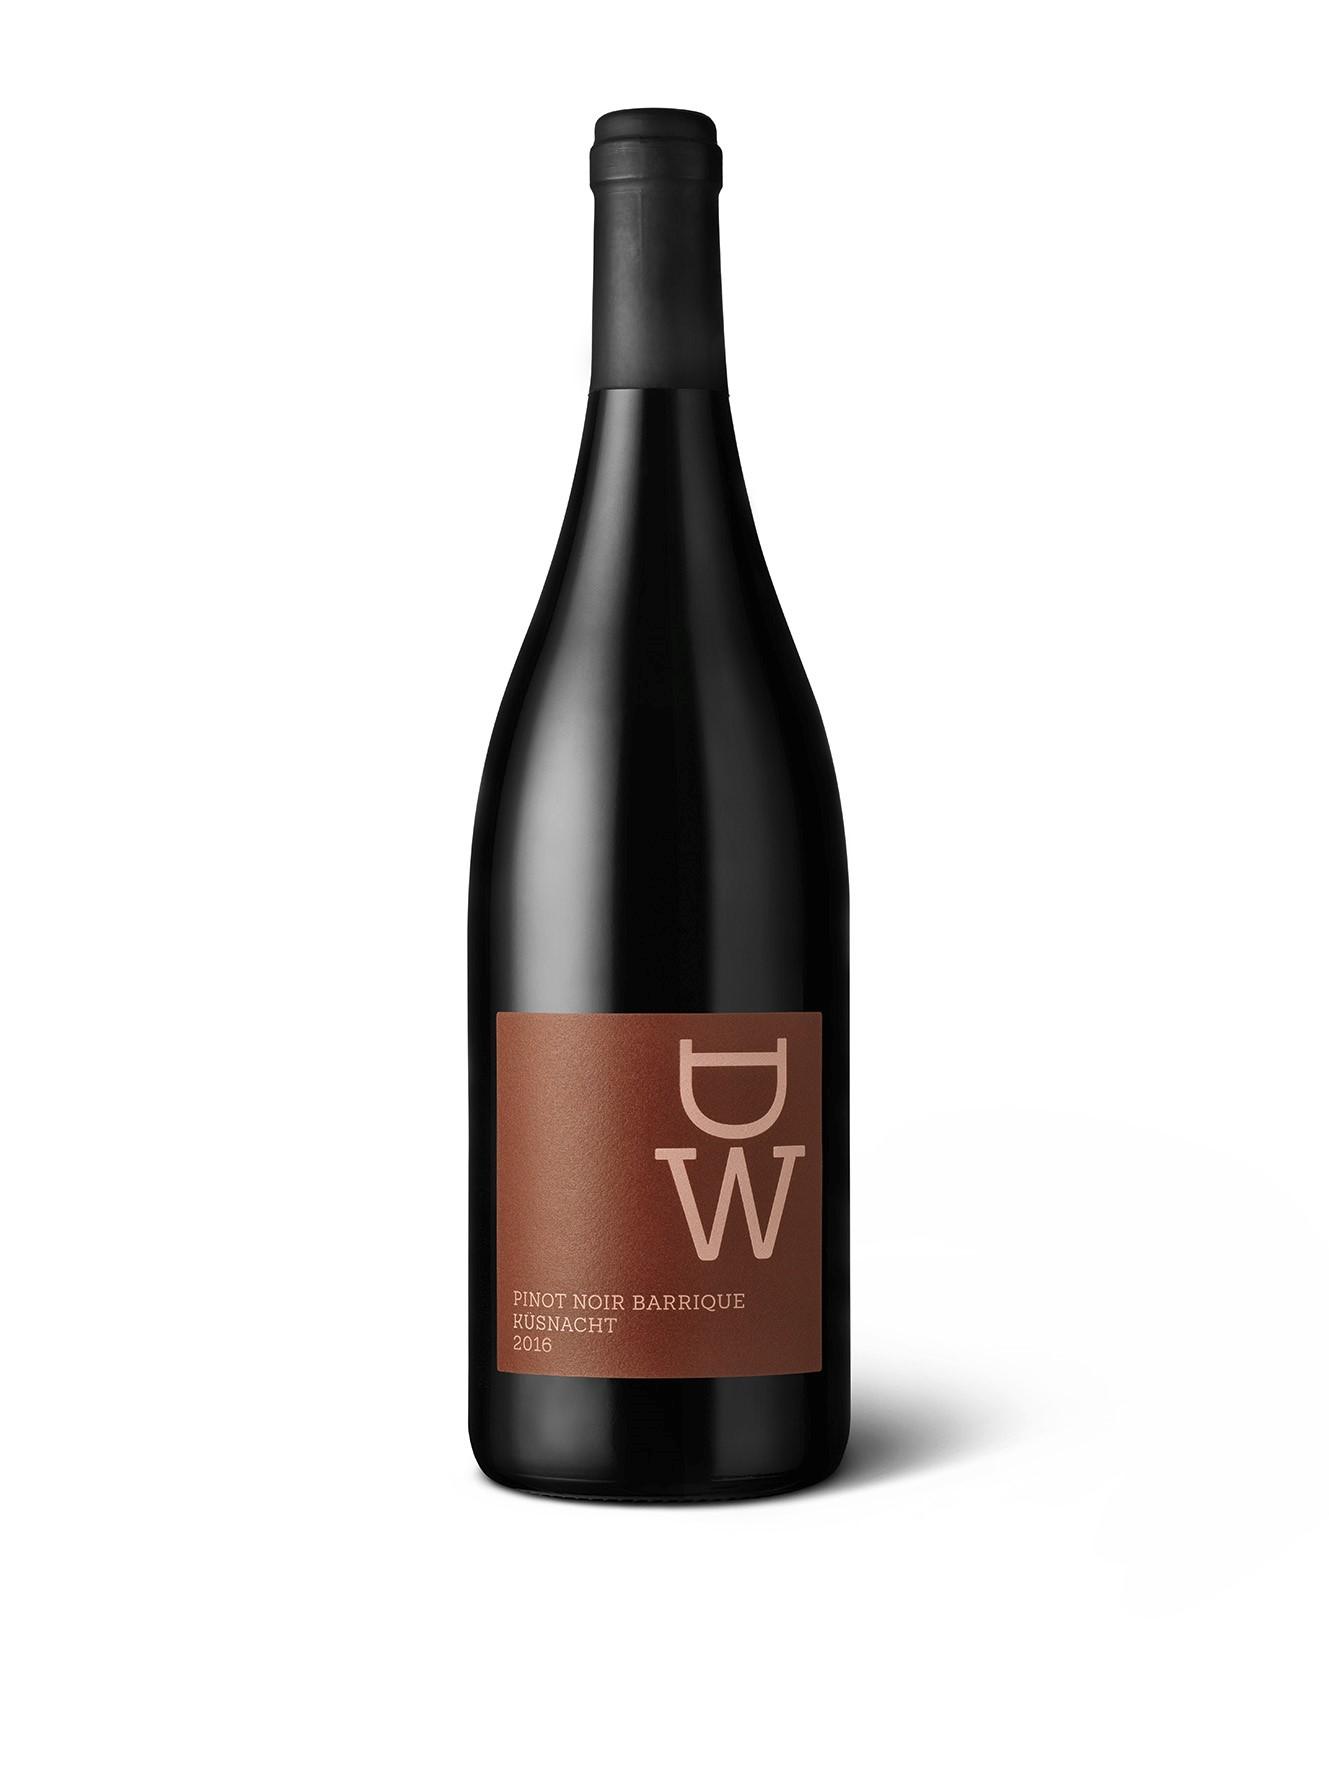 DW Pinot noir Barrique Küsnacht Zürichsee